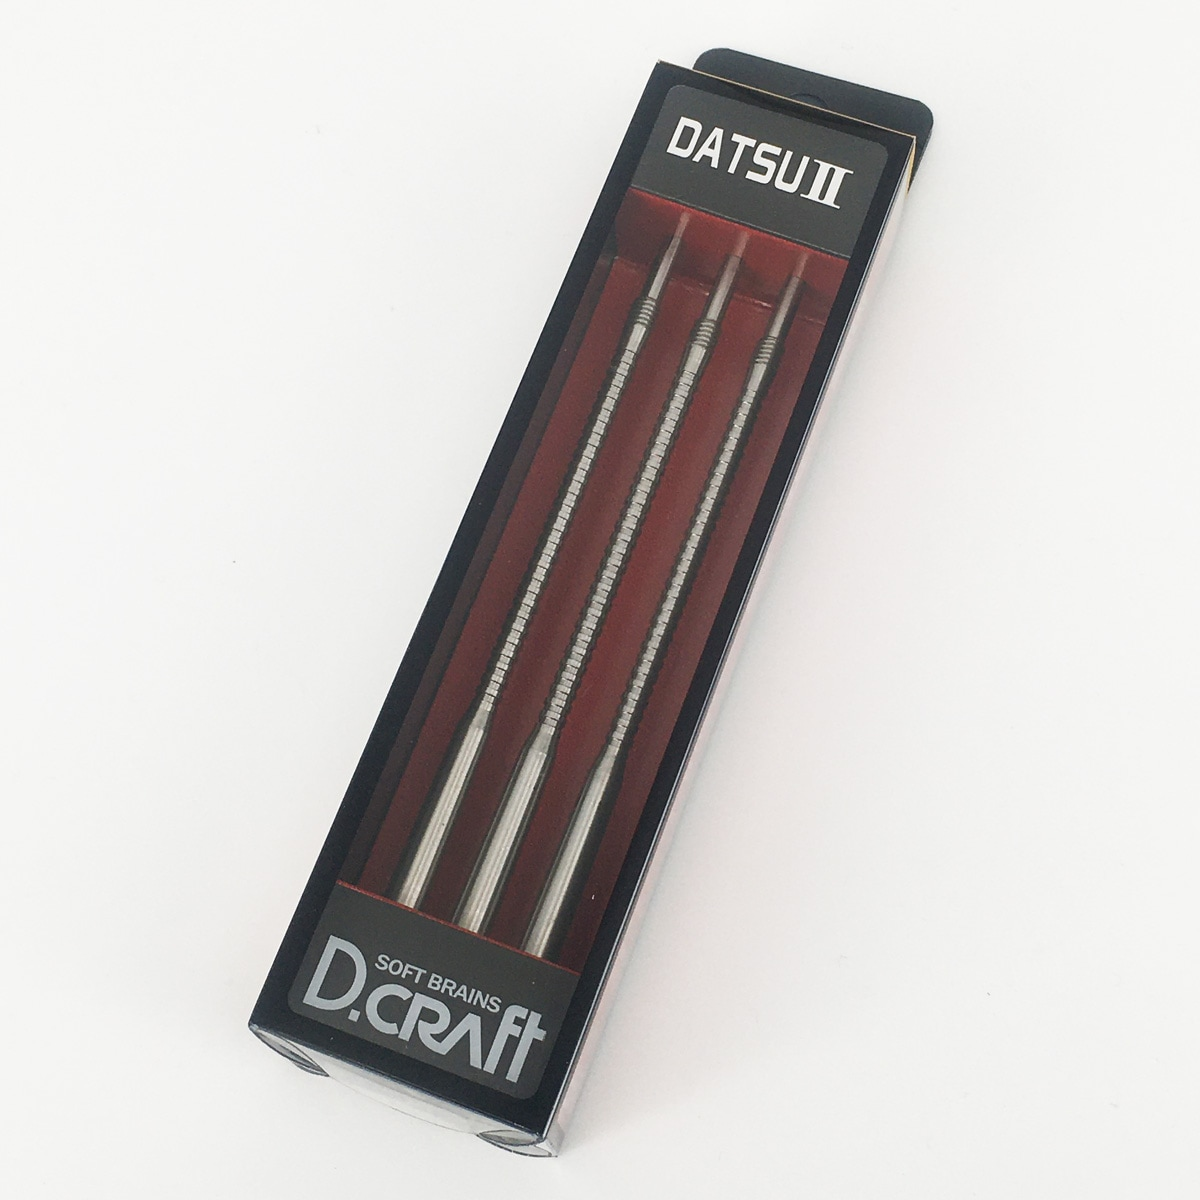 【D-Craft】 ディークラフトダーツDATSU2 駄津2 ダツ